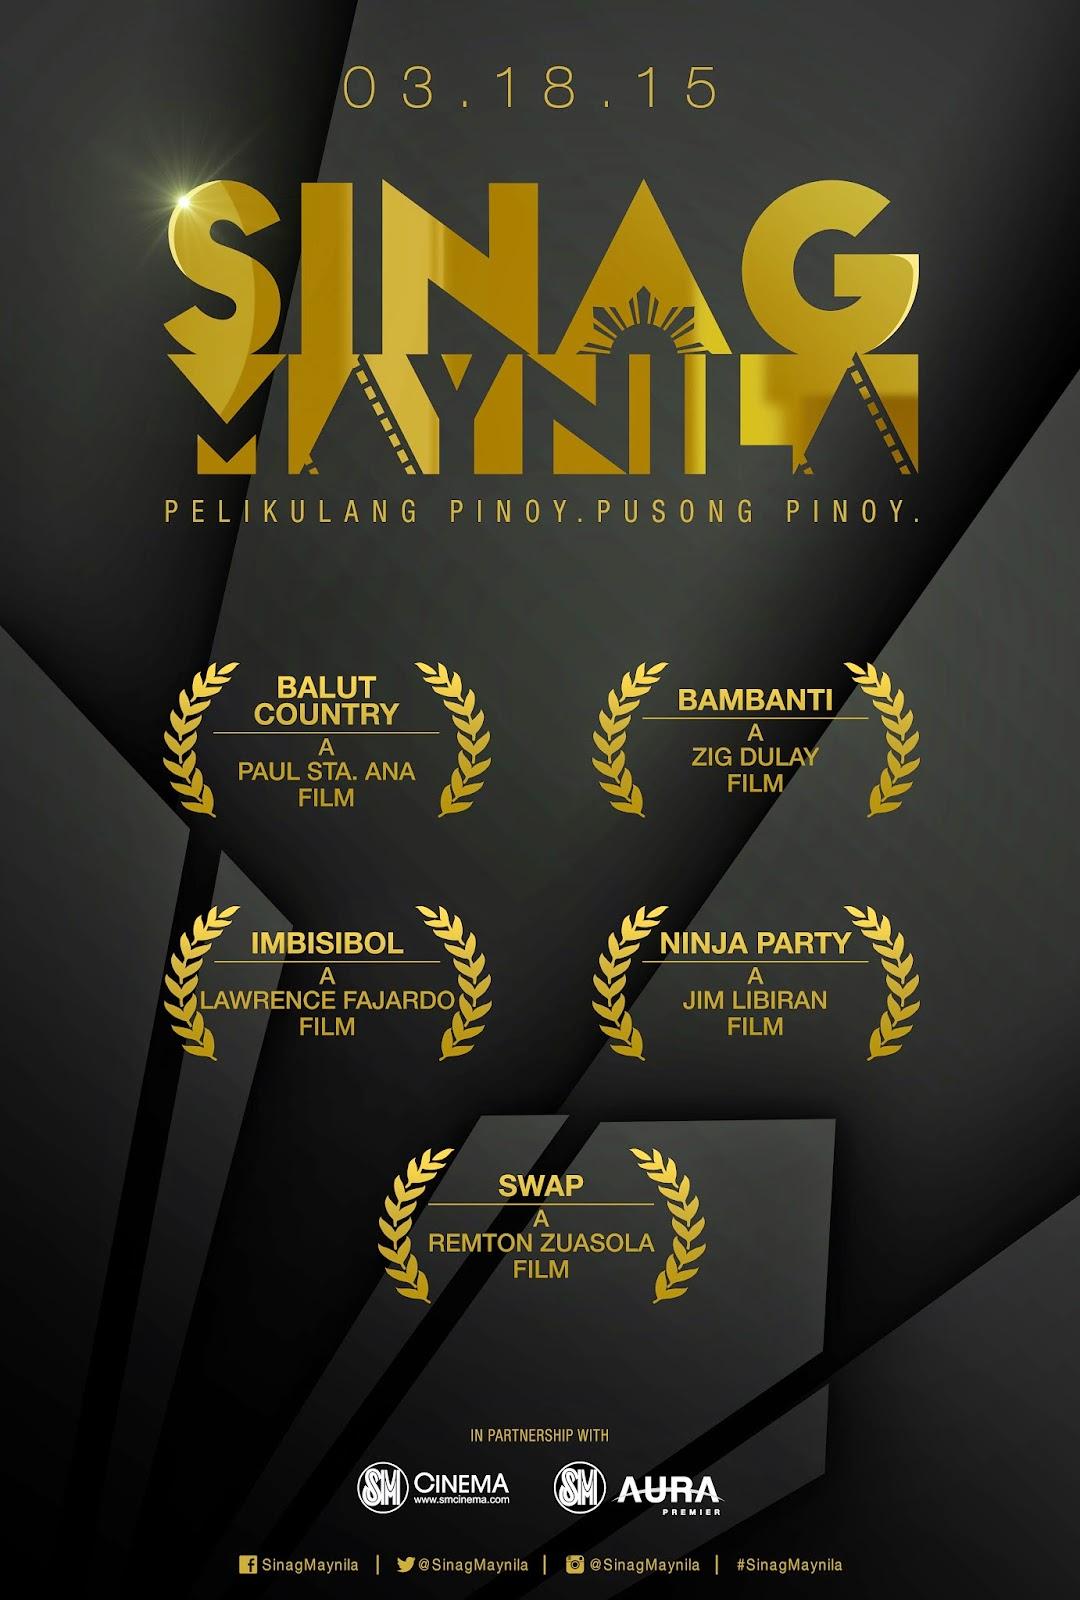 Sinag Maynila 2015